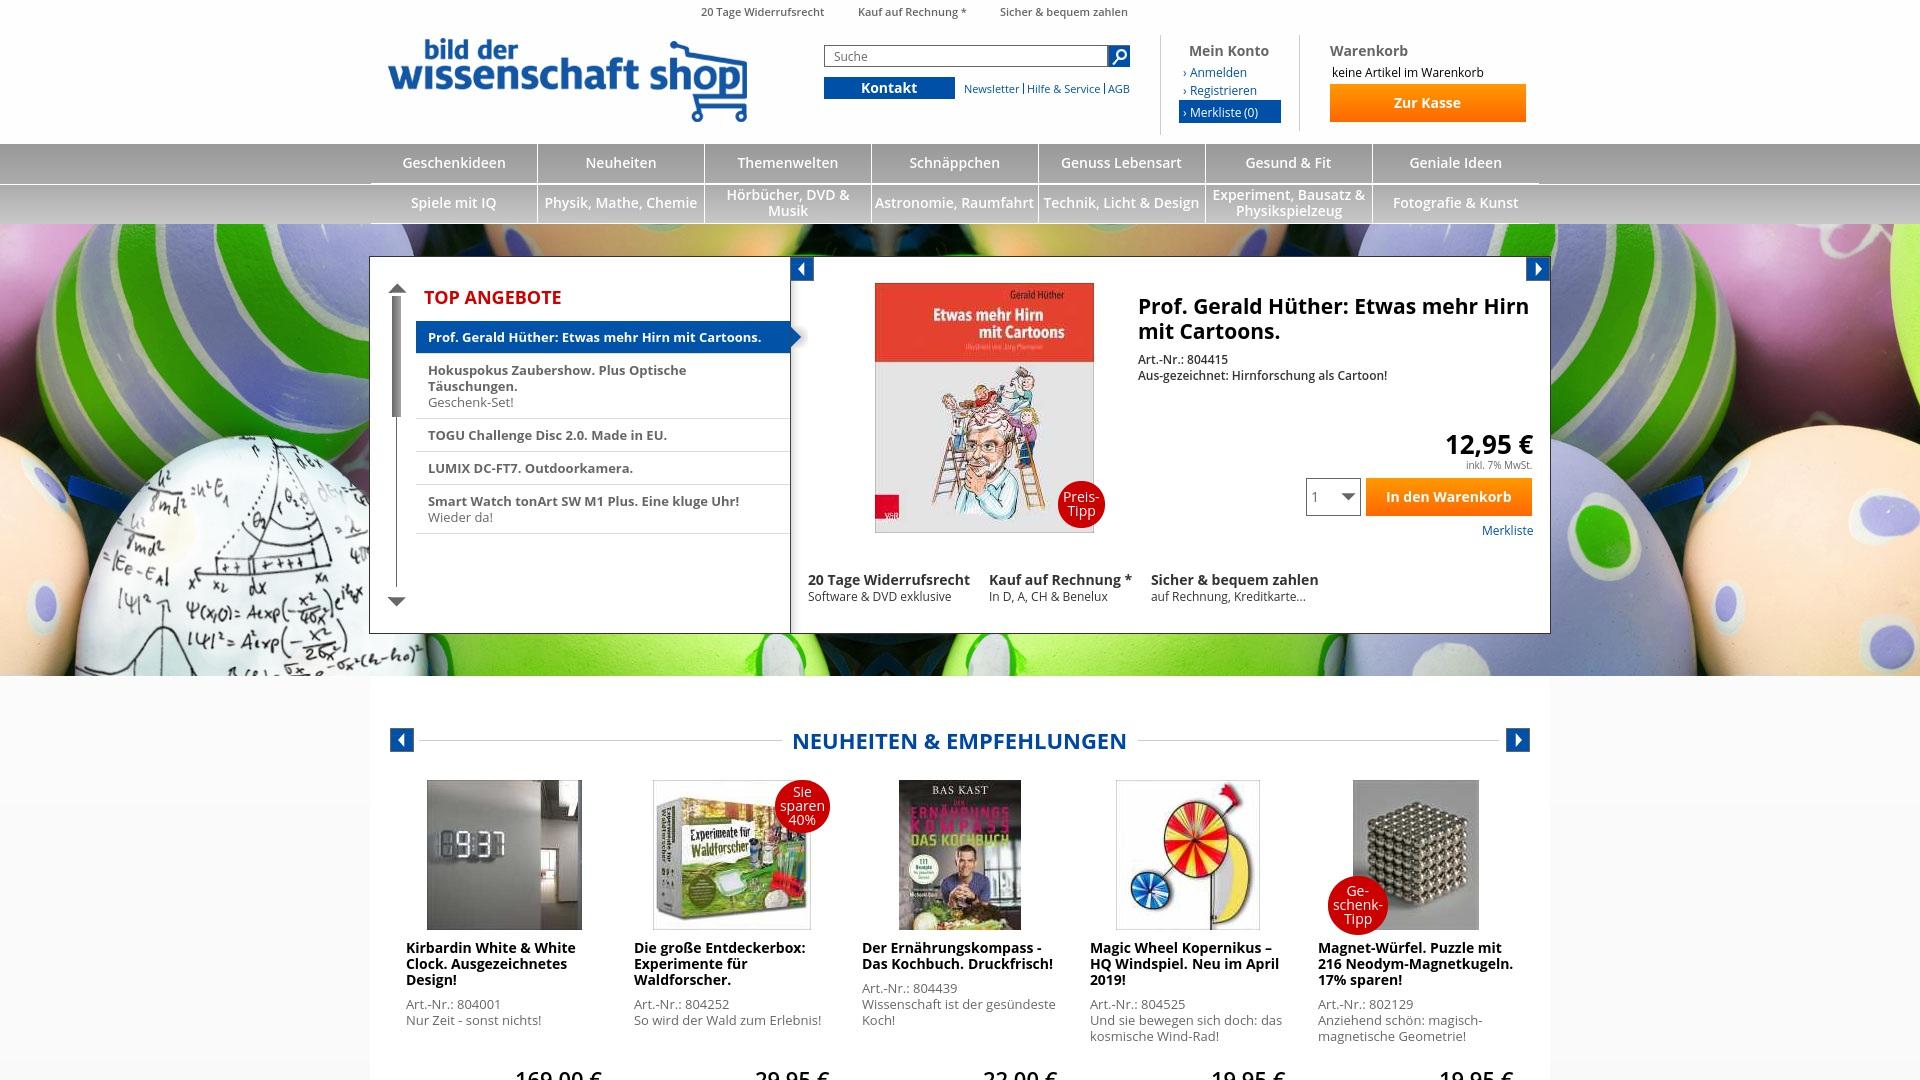 Gutschein für Wissenschaft-shop: Rabatte für  Wissenschaft-shop sichern